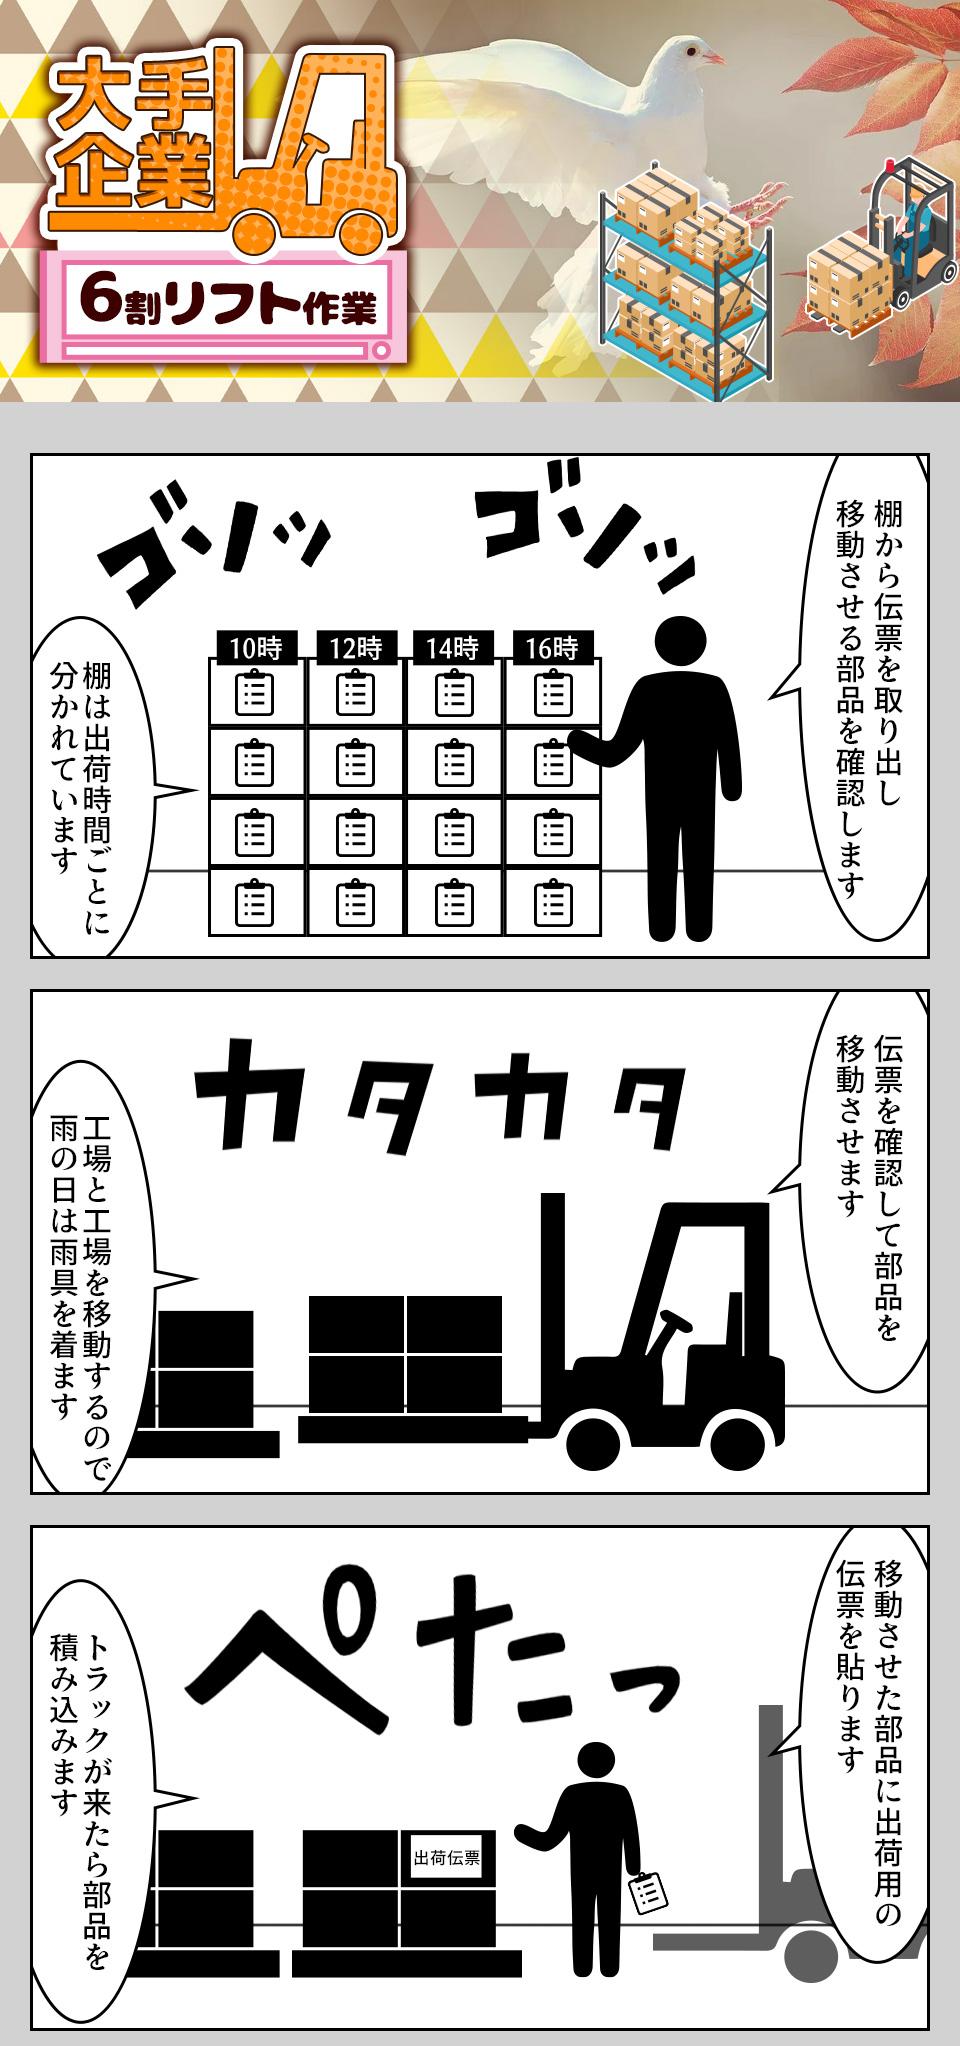 リフトでの入出庫作業 愛知県豊田市の派遣社員求人